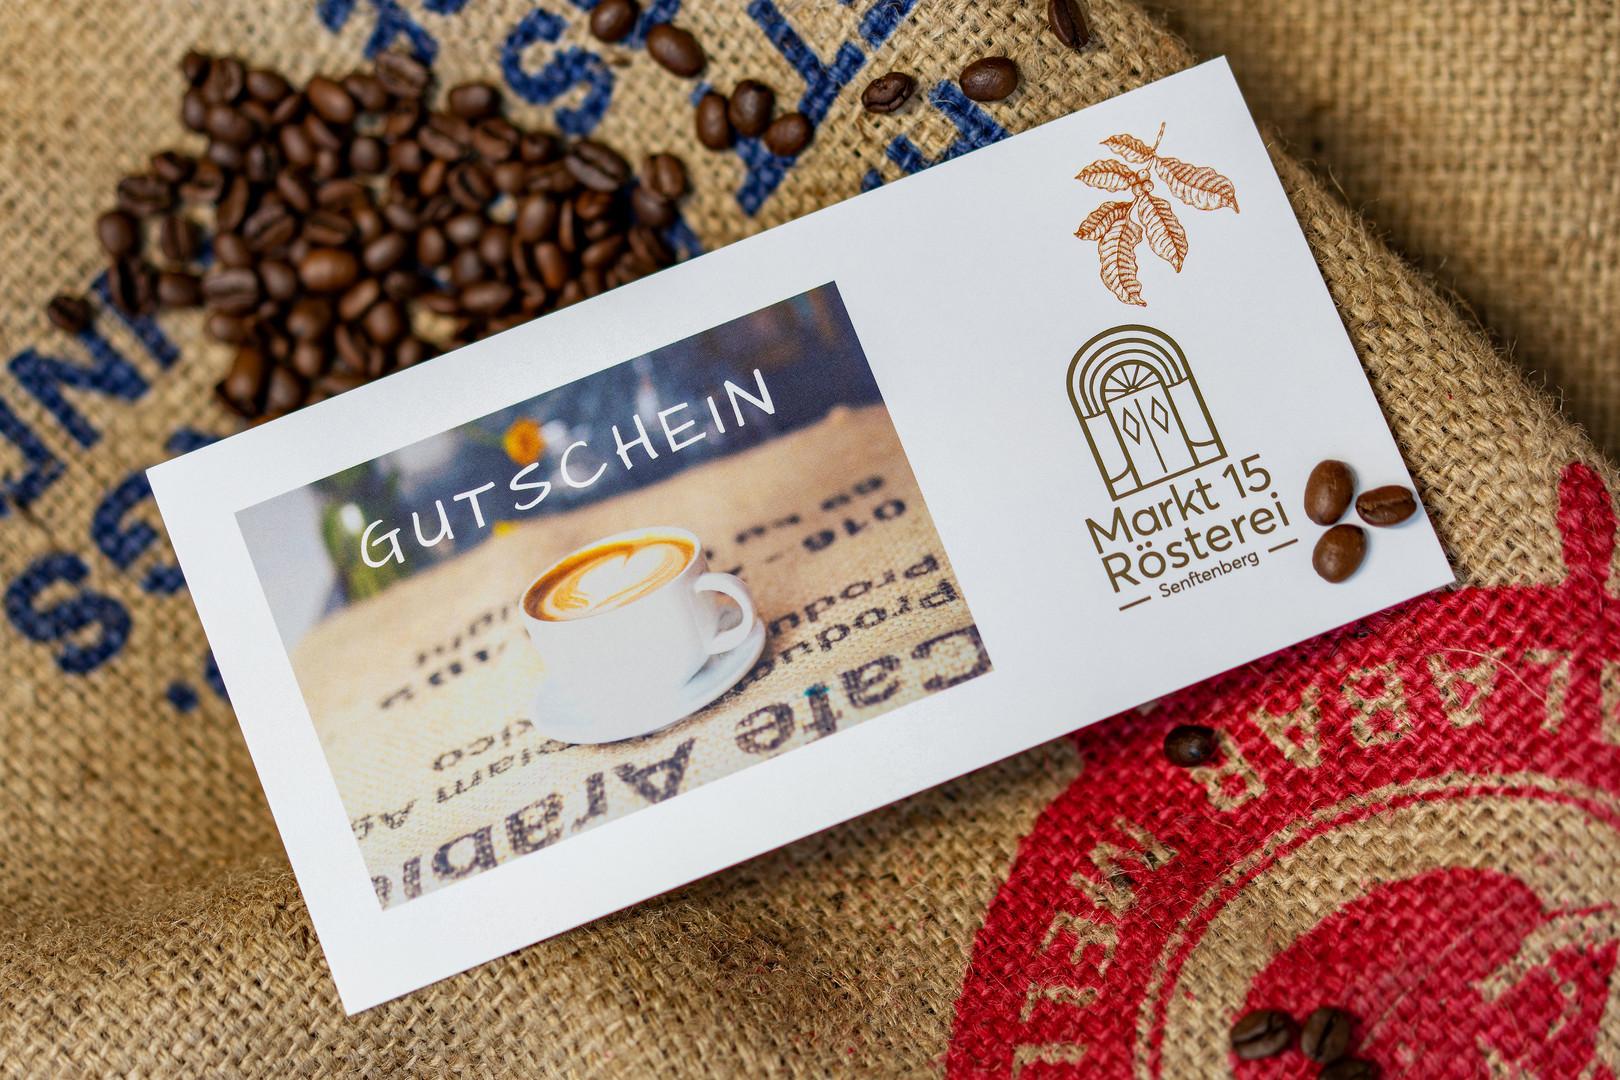 Gutschein-Kaffeerösterei-Senftenberg.jpg